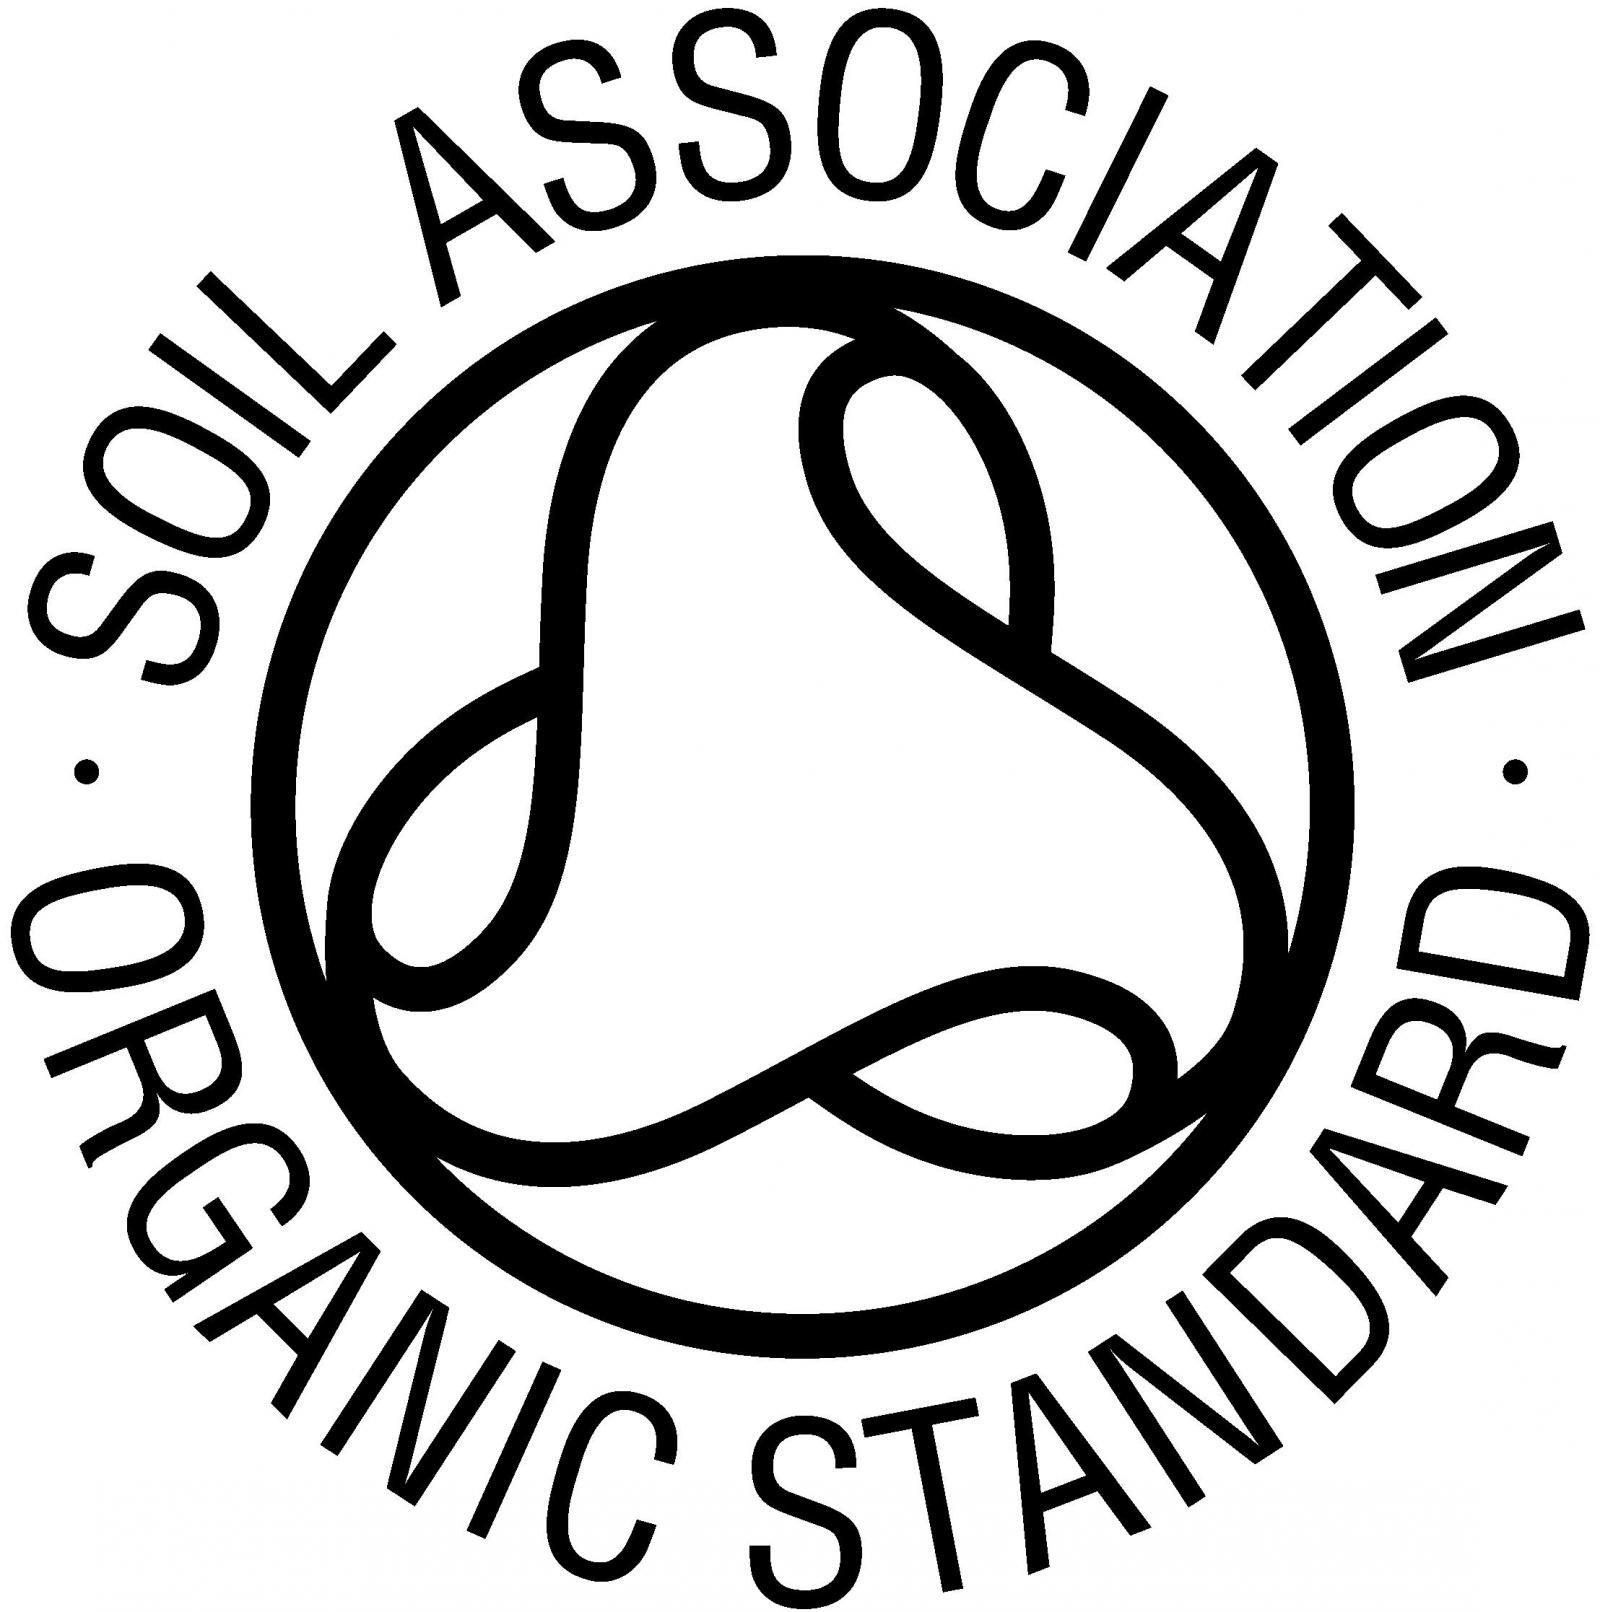 Přírodní certifikát ORGANIC SOIL ASSOCIATION